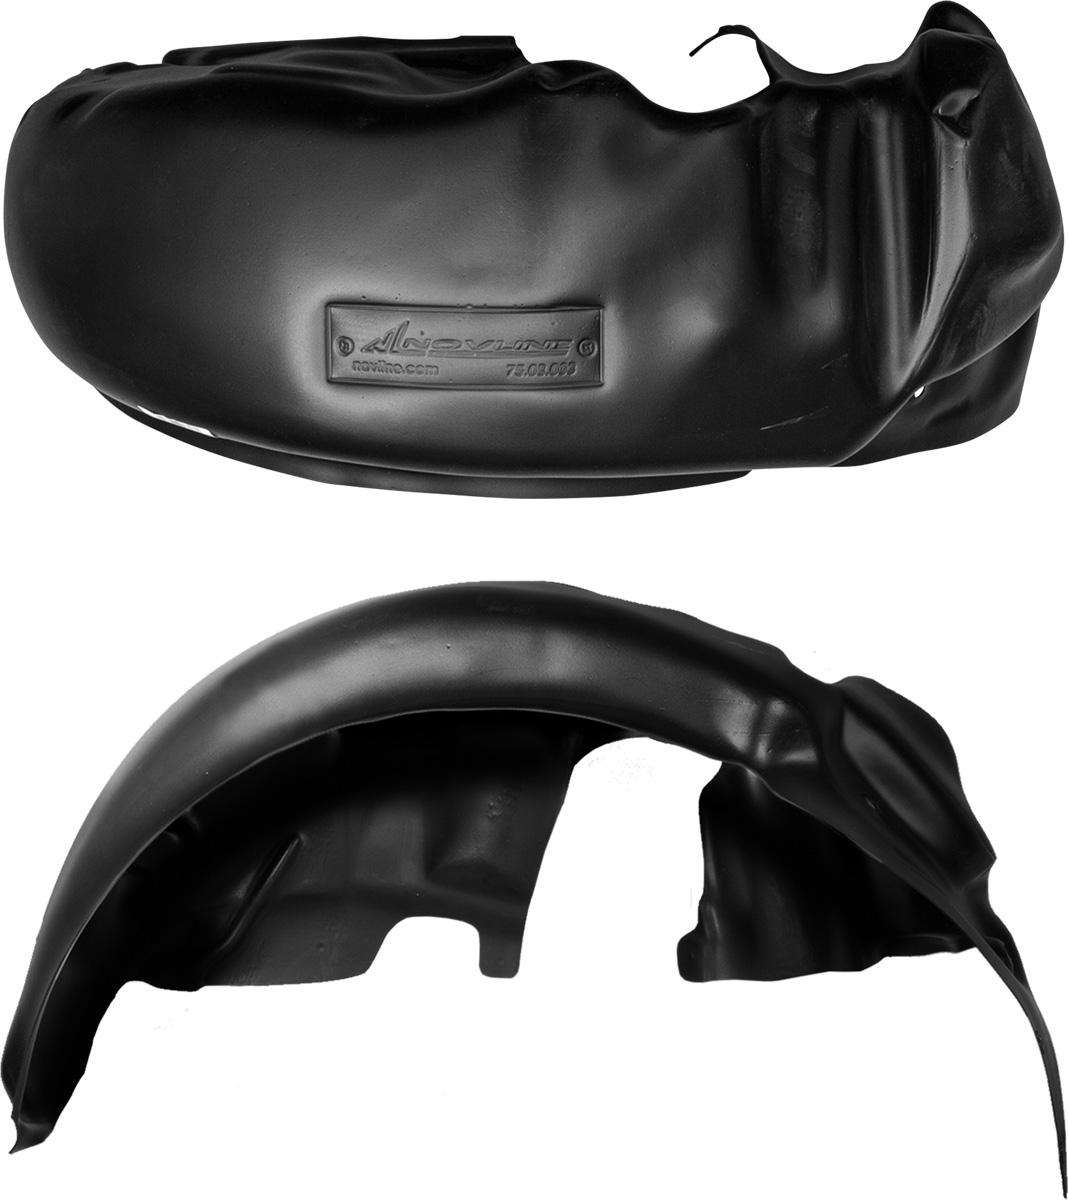 Подкрылок Novline-Autofamily, для Lada Priora 2007 ->, передний левыйNLL.52.16.001Колесные ниши - одни из самых уязвимых зон днища вашего автомобиля. Они постоянно подвергаются воздействию со стороны дороги. Лучшая, почти абсолютная защита для них - специально отформованные пластиковые кожухи, которые называются подкрылками. Производятся они как для отечественных моделей автомобилей, так и для иномарок. Подкрылки Novline-Autofamily выполнены из высококачественного, экологически чистого пластика. Обеспечивают надежную защиту кузова автомобиля от пескоструйного эффекта и негативного влияния, агрессивных антигололедных реагентов. Пластик обладает более низкой теплопроводностью, чем металл, поэтому в зимний период эксплуатации использование пластиковых подкрылков позволяет лучше защитить колесные ниши от налипания снега и образования наледи. Оригинальность конструкции подчеркивает элегантность автомобиля, бережно защищает нанесенное на днище кузова антикоррозийное покрытие и позволяет осуществить крепление подкрылков внутри колесной арки практически без дополнительного крепежа и сверления, не нарушая при этом лакокрасочного покрытия, что предотвращает возникновение новых очагов коррозии. Подкрылки долговечны, обладают высокой прочностью и сохраняют заданную форму, а также все свои физико-механические характеристики в самых тяжелых климатических условиях (от -50°С до +50°С).Уважаемые клиенты!Обращаем ваше внимание, на тот факт, что подкрылок имеет форму, соответствующую модели данного автомобиля. Фото служит для визуального восприятия товара.